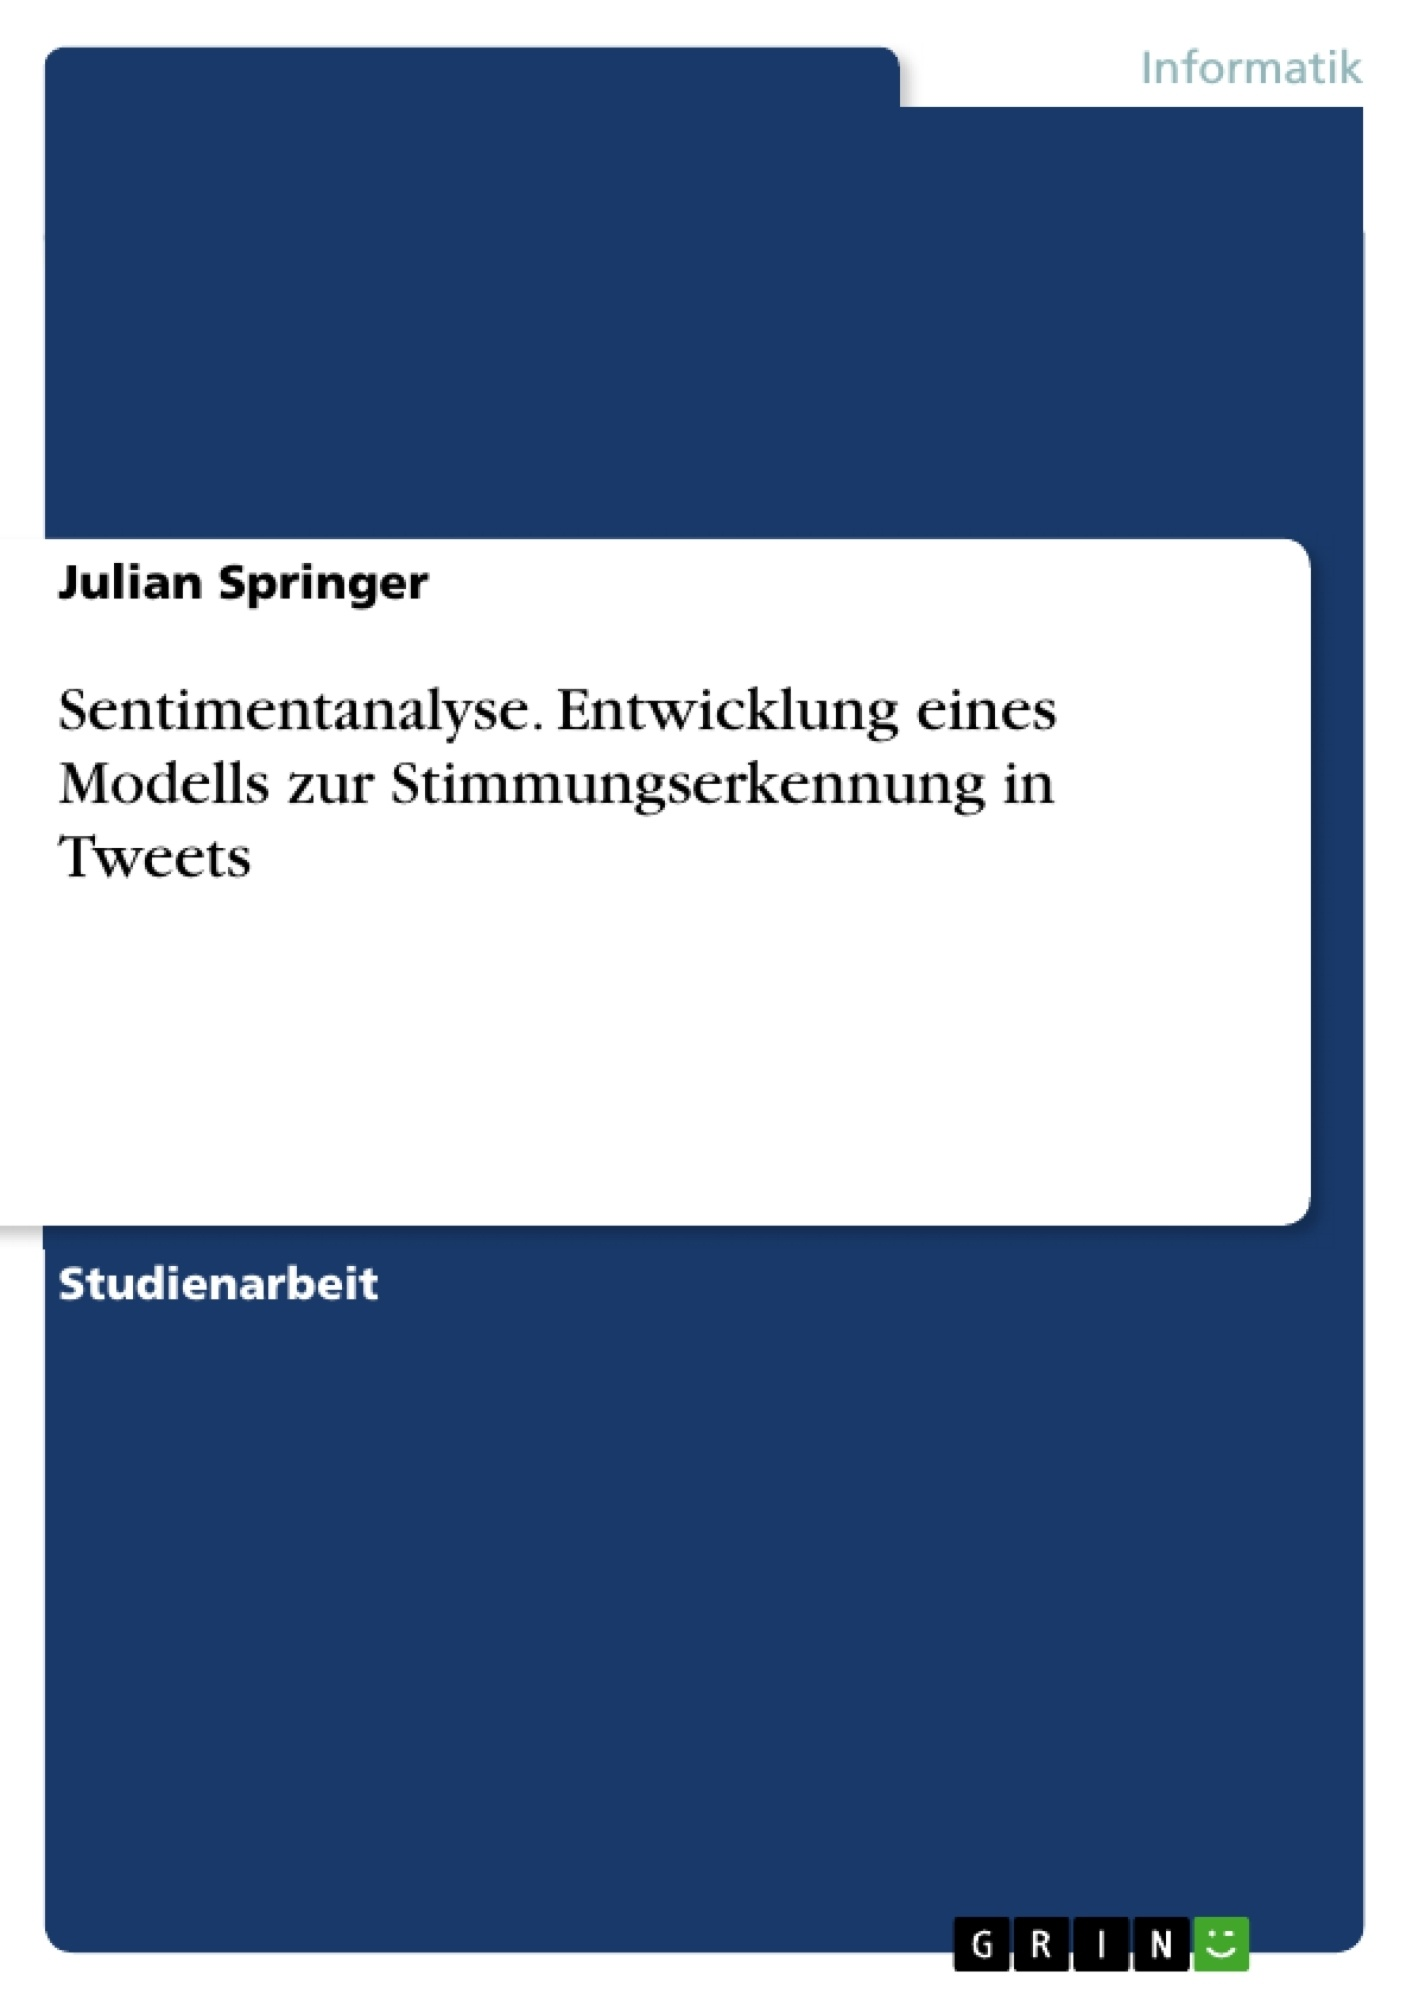 Titel: Sentimentanalyse. Entwicklung eines Modells zur Stimmungserkennung in Tweets